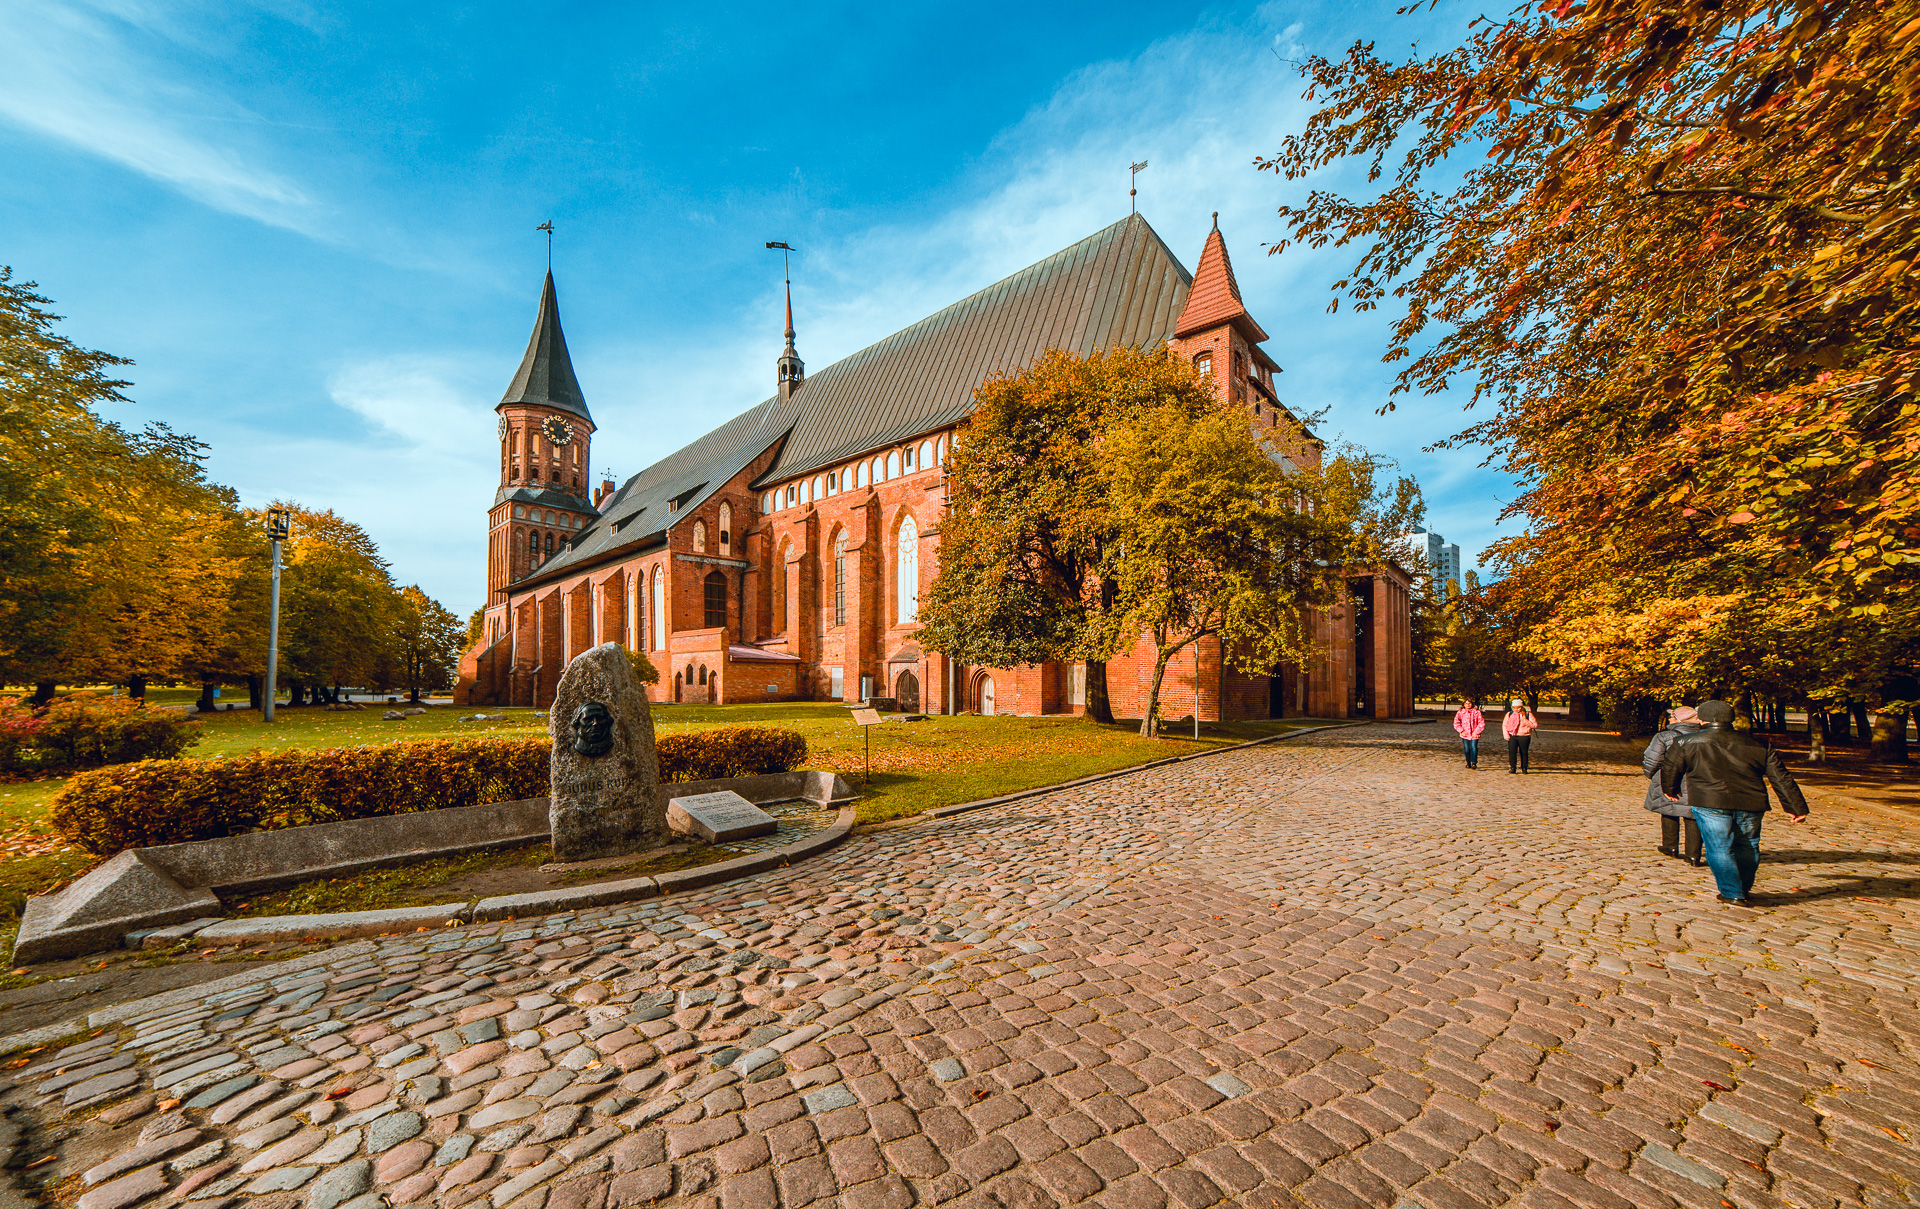 кафедральный собор картинки